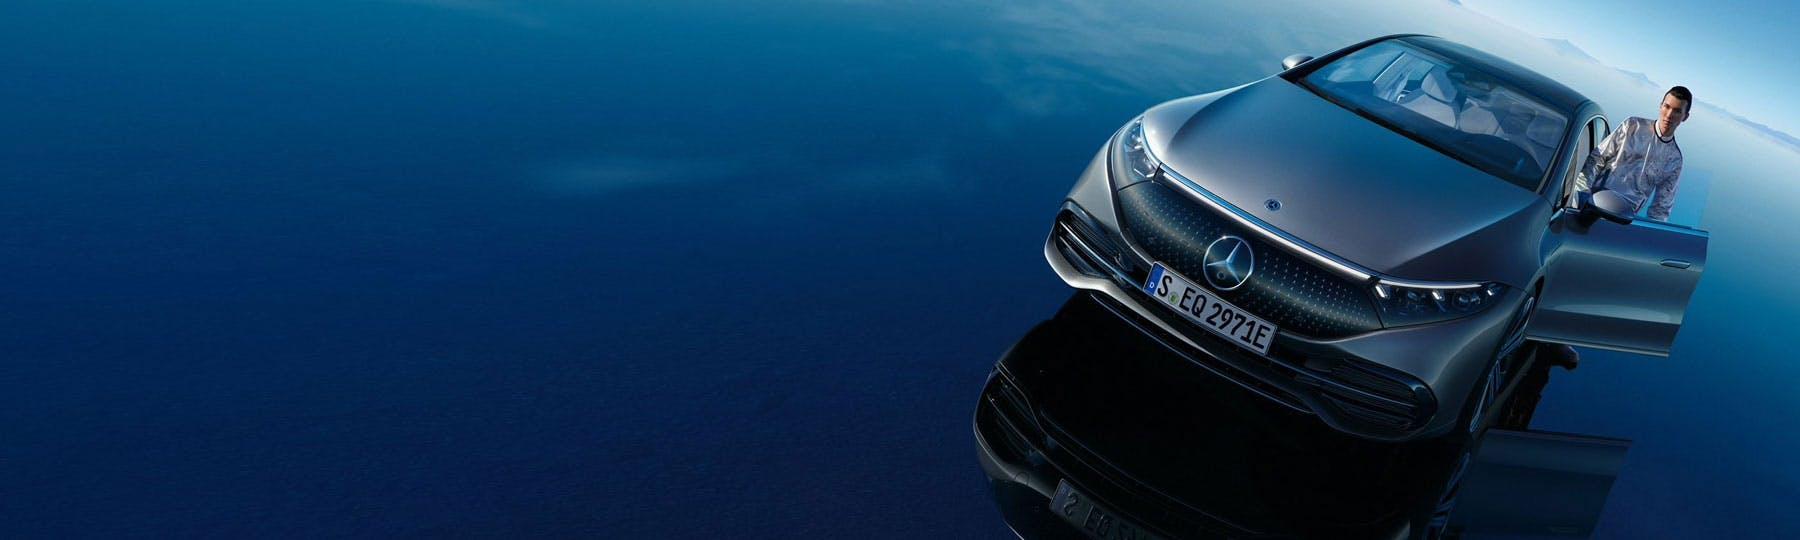 New Mercedes-Benz EQS